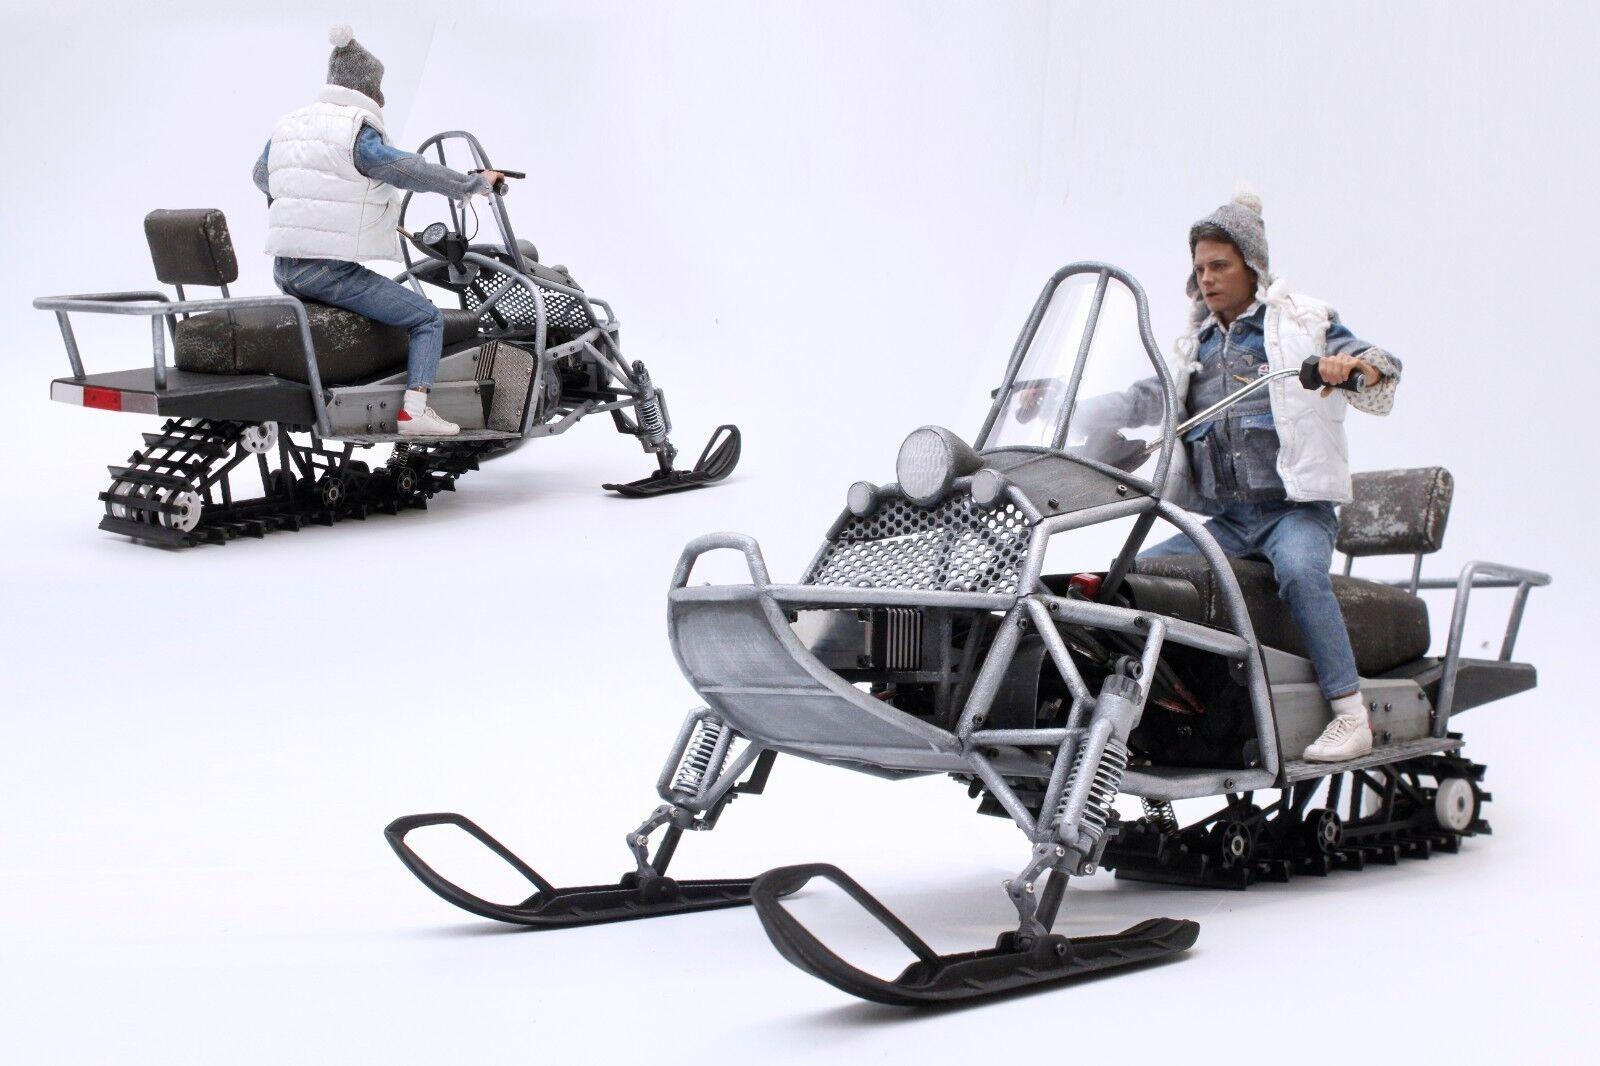 Escala 16 3D Impreso Radio Control Coleccionable de motos de nieve